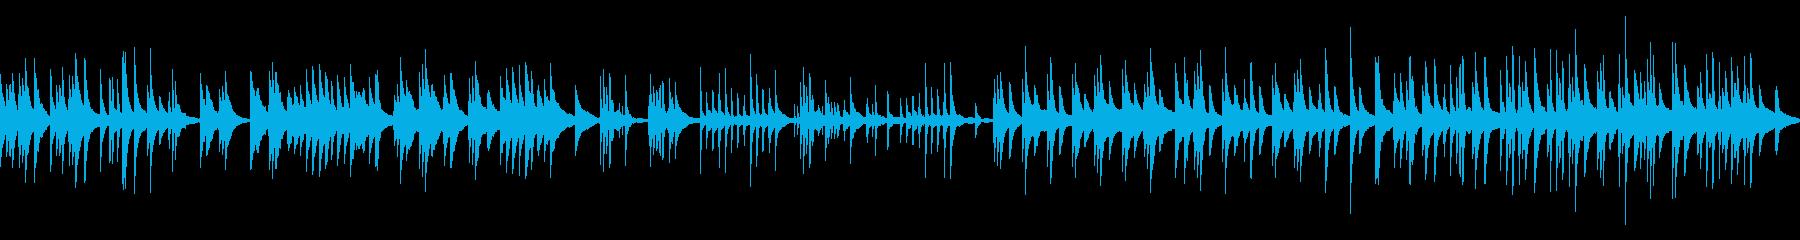 ピアノのみのループ音源。リバーブなしタ…の再生済みの波形